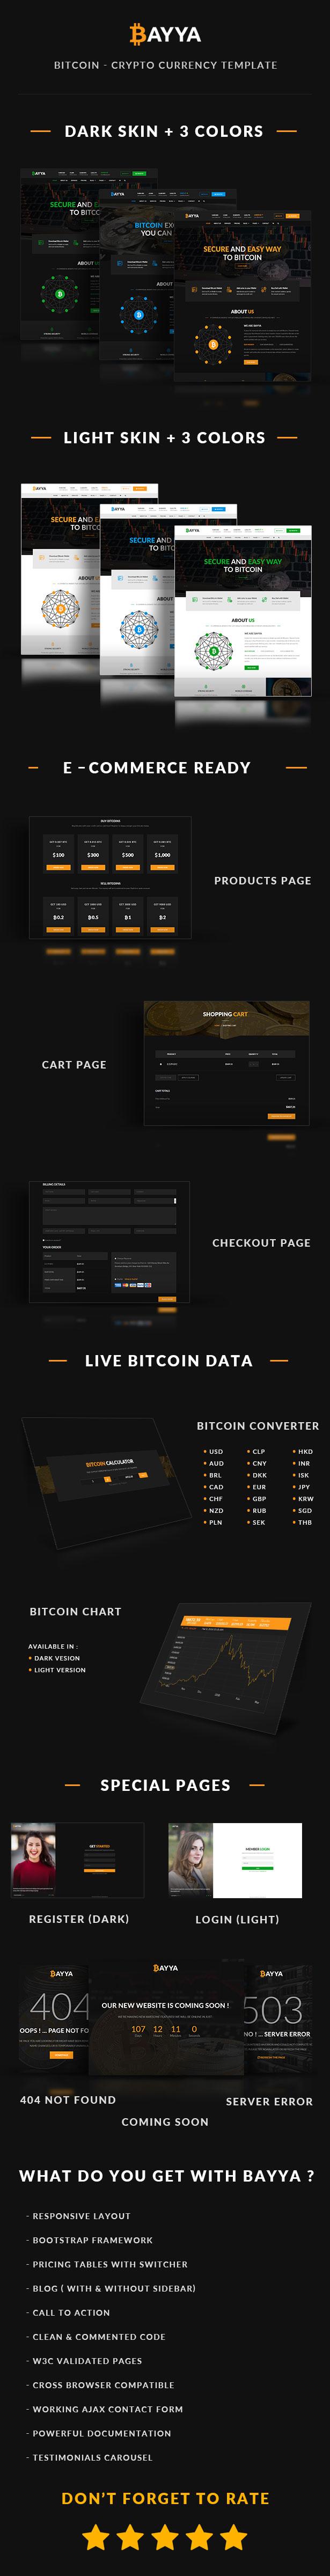 Bayya - Bitcoin Crypto Currency Template - 1